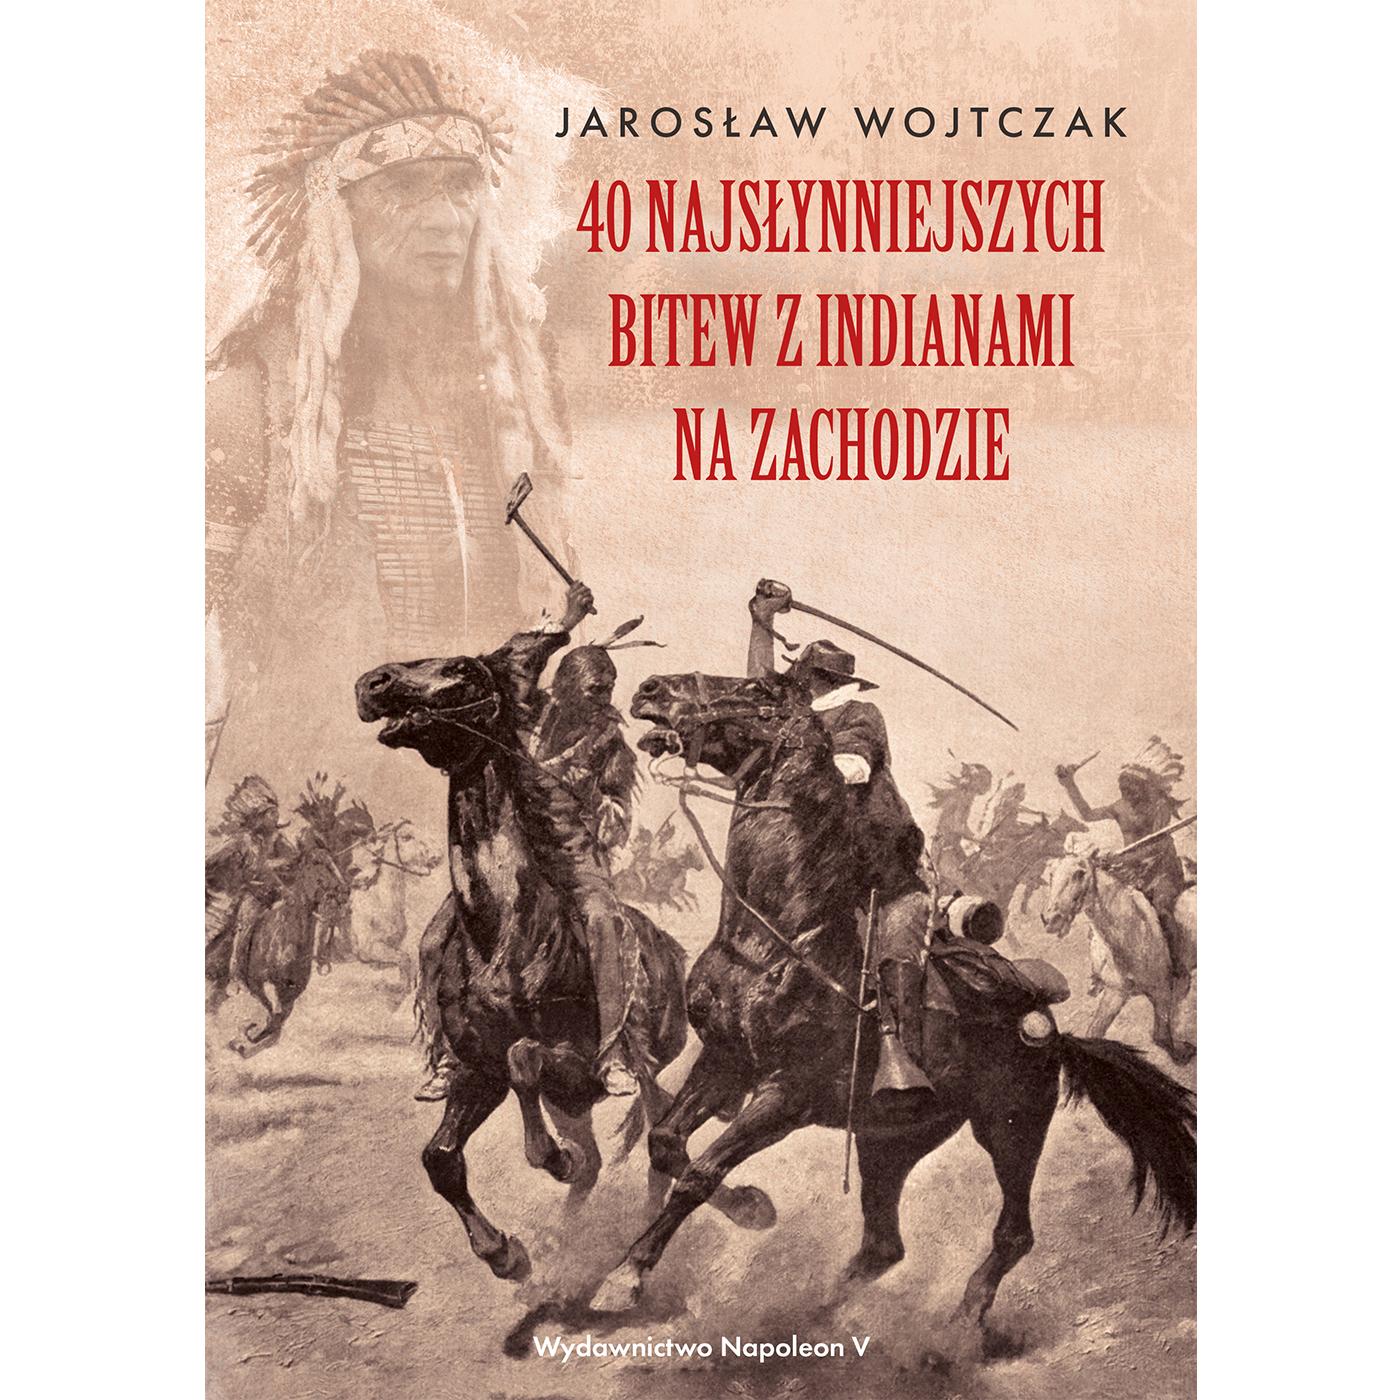 40 najsłynniejszych bitew z Indianami na Zachodzie